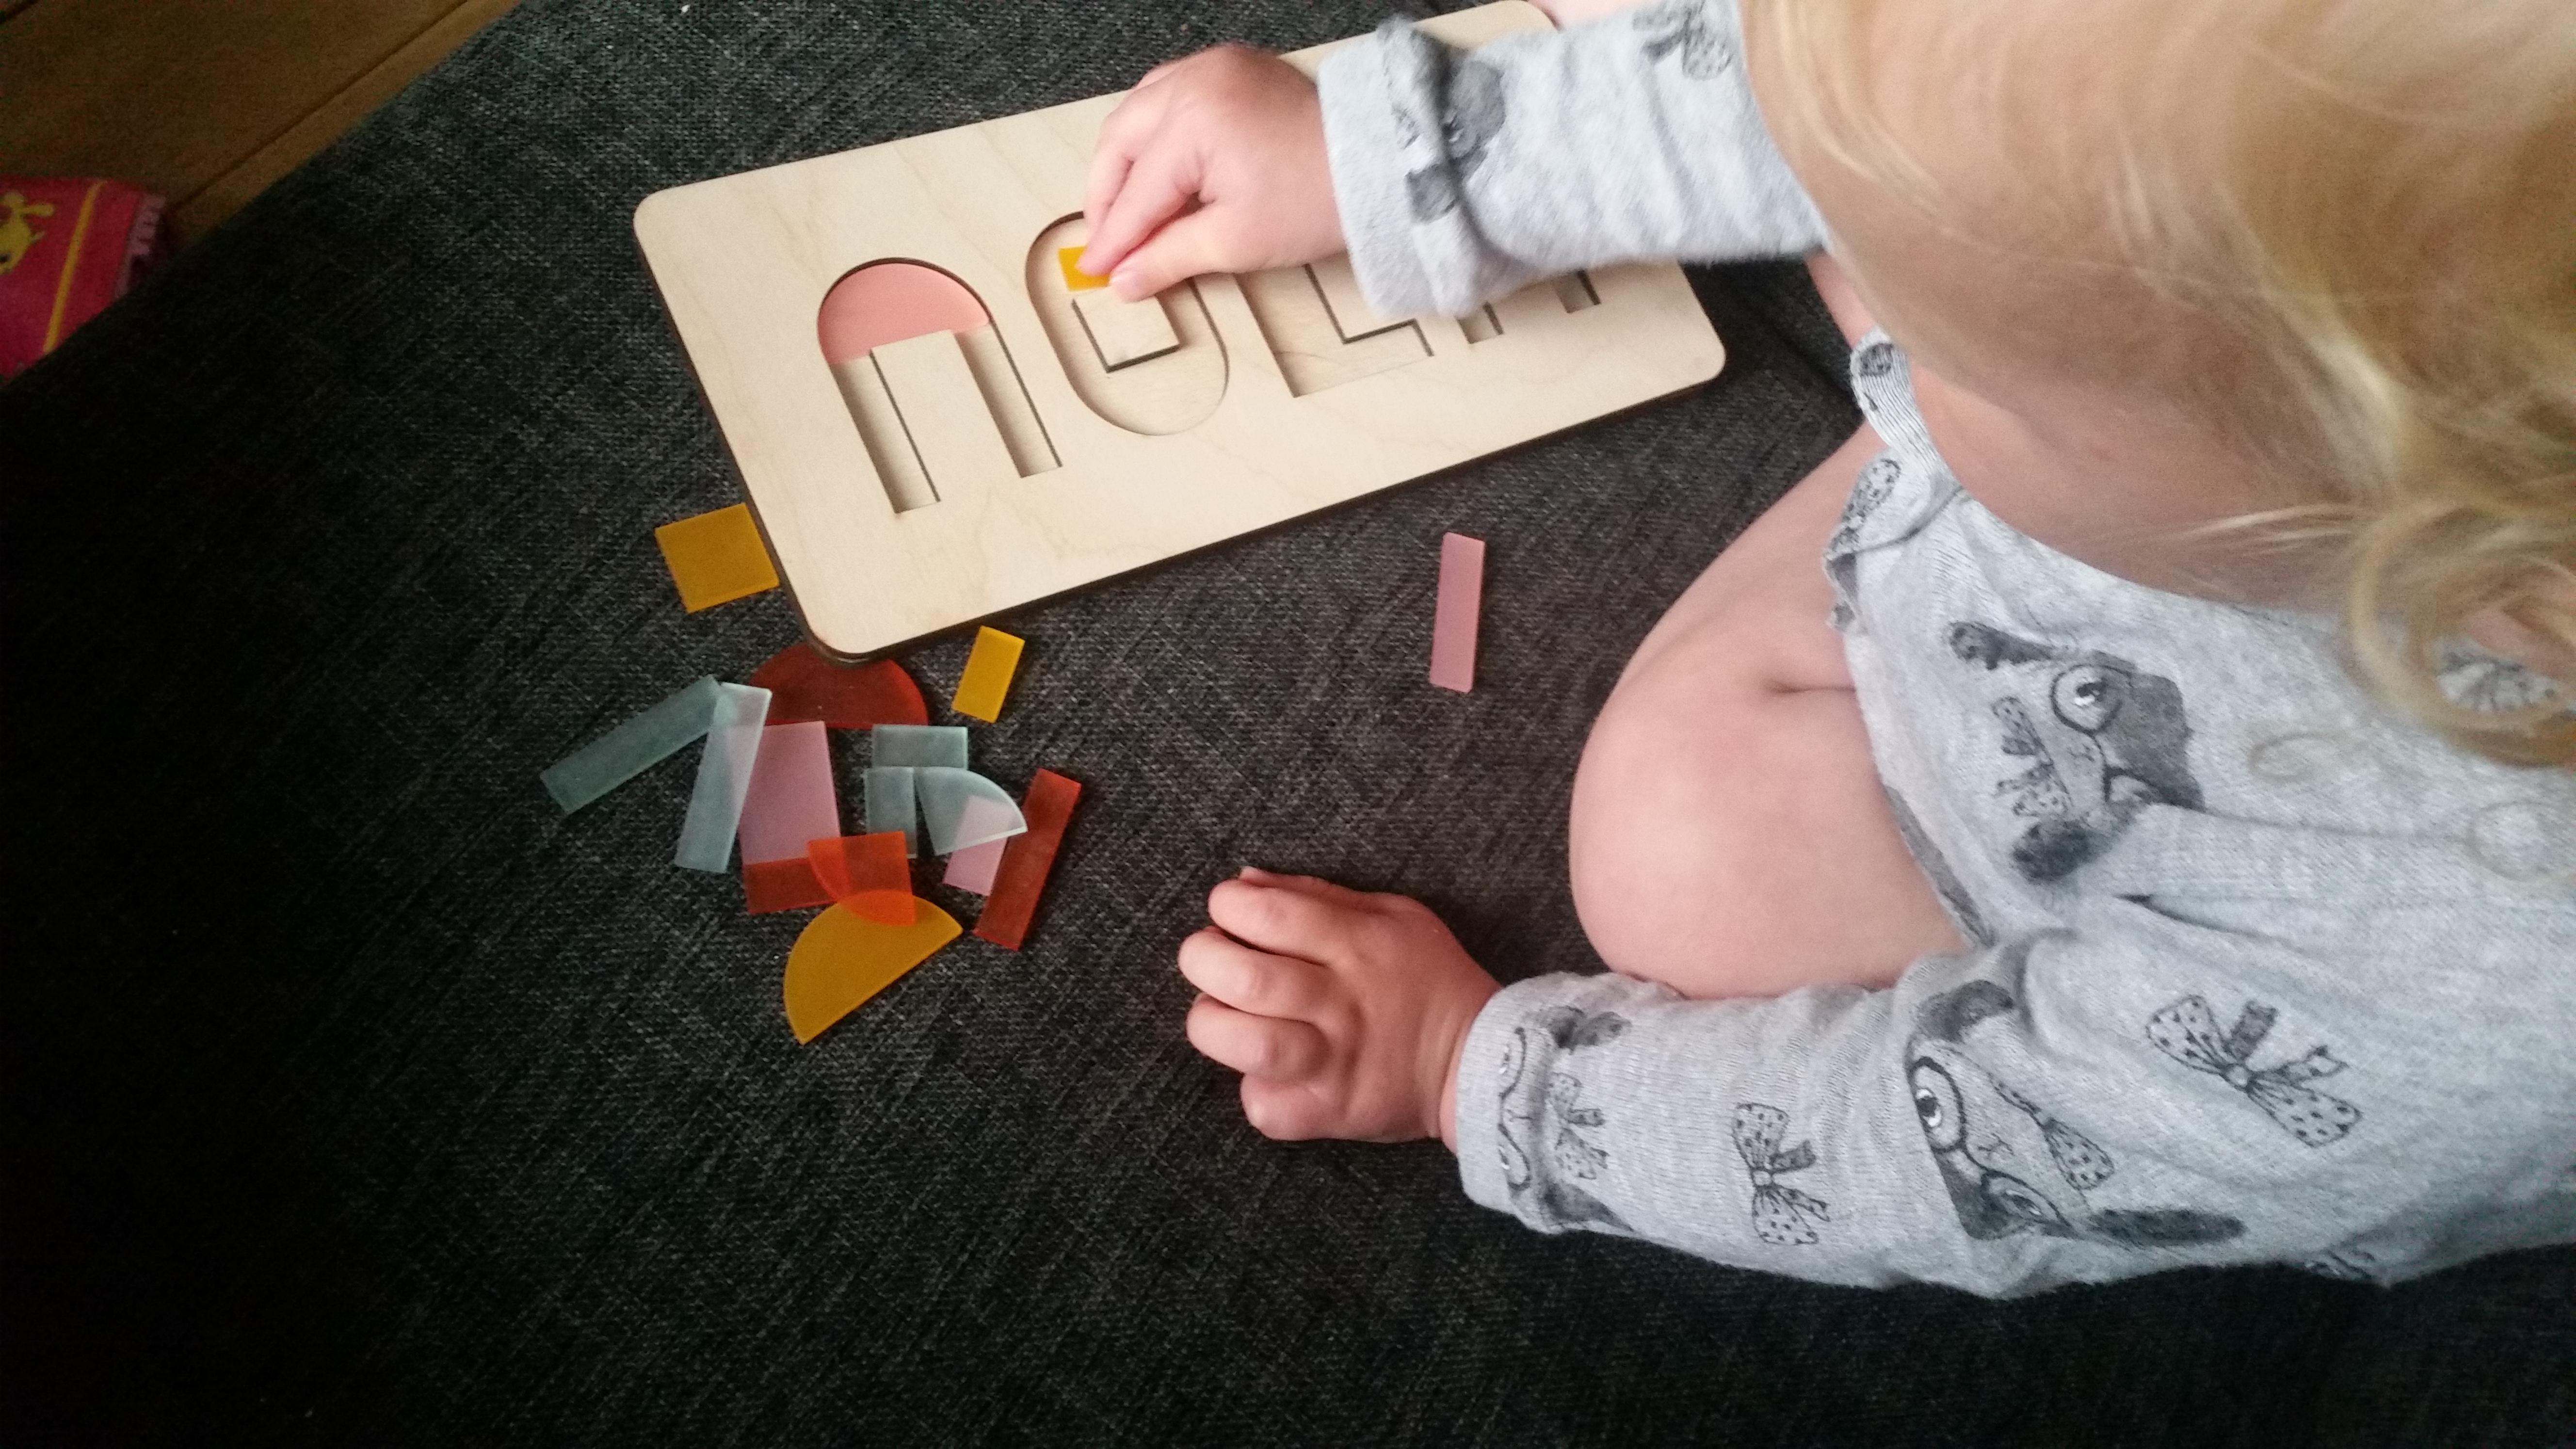 6-16-cre8-puzzel-origineel-uniek-cadeau-kado-geboorte-kraamcadeau-puzzel-naam-gepersonaliseerd-kleurrijk-hout-mooi-makkelijk-kinderkamer-babykamer-1-jaar